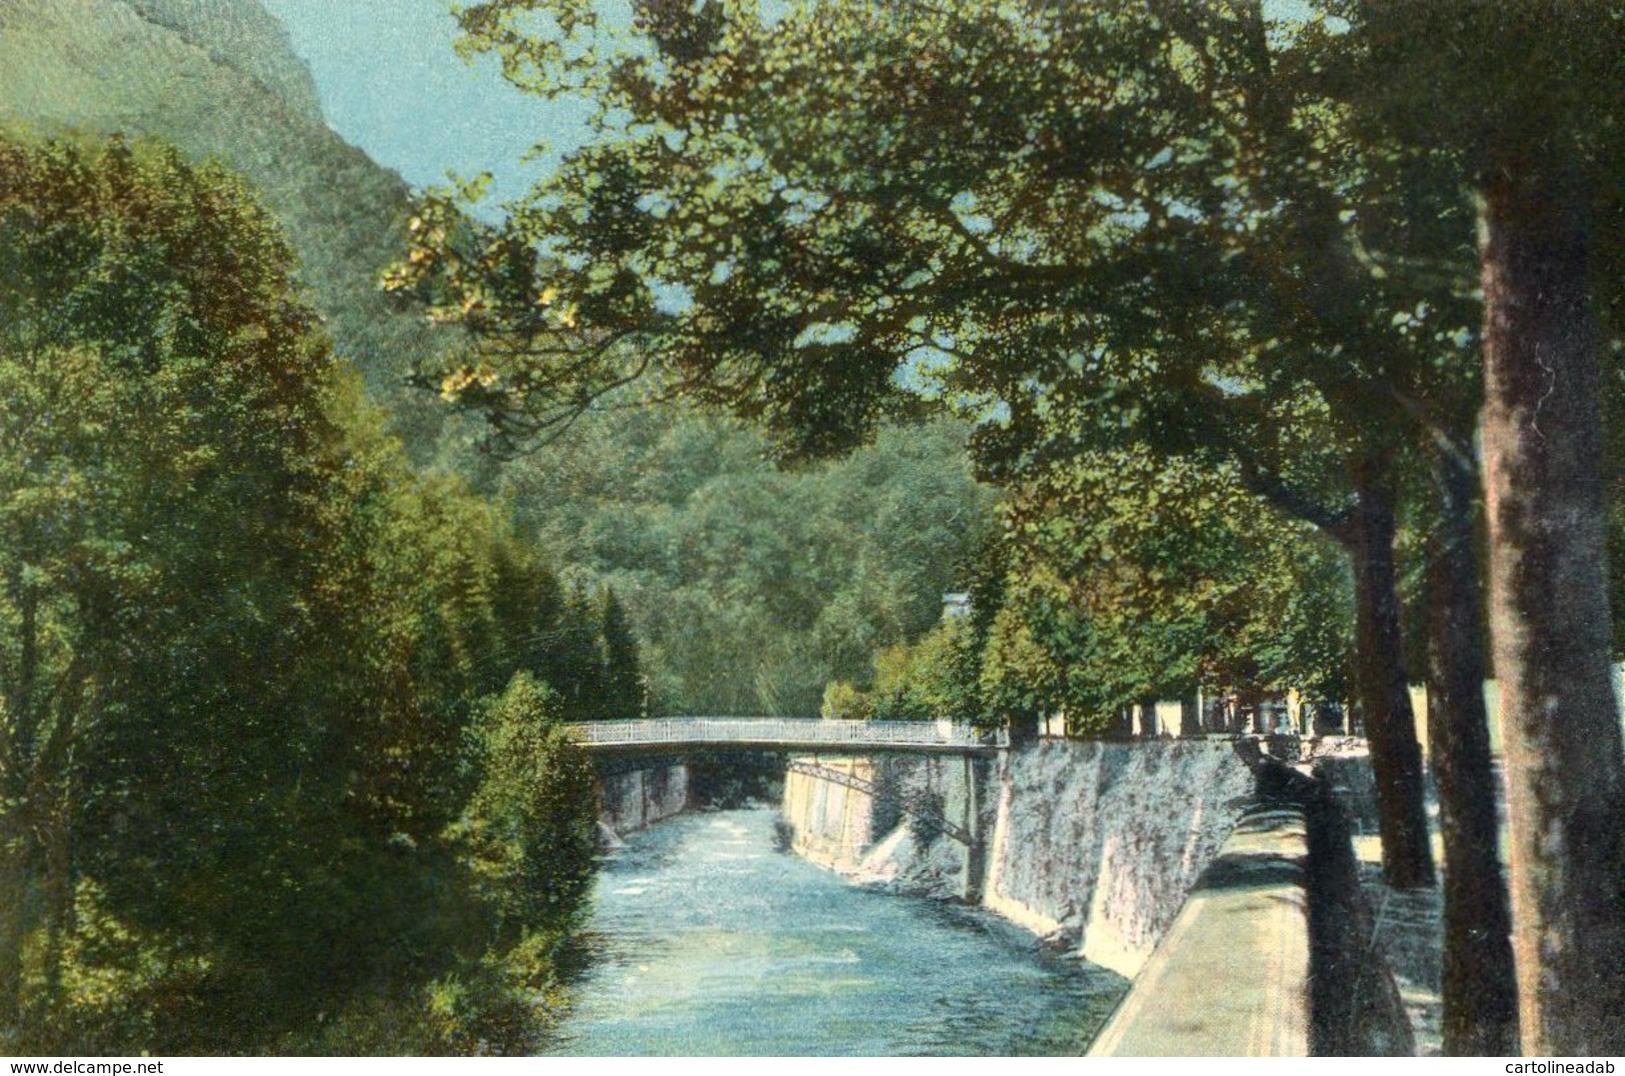 [DC7952] CPA - ROMANIA - BAILE HERCULANE - Non Viaggiata - Old Postcard - Romania